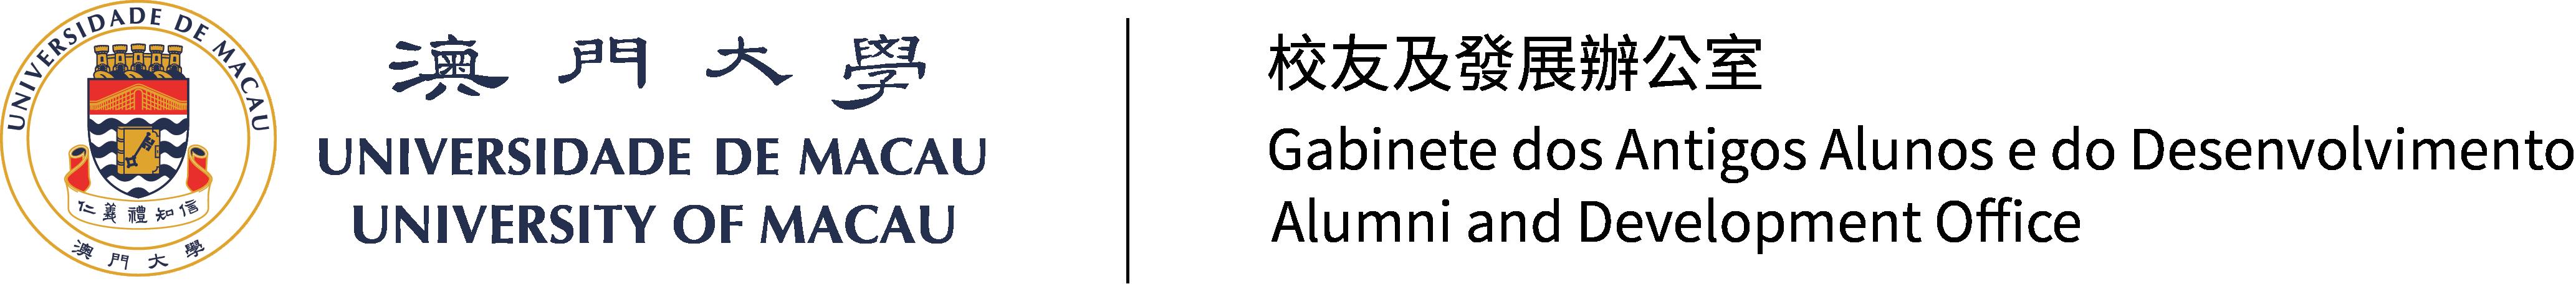 校友及發展辦公室 Logo